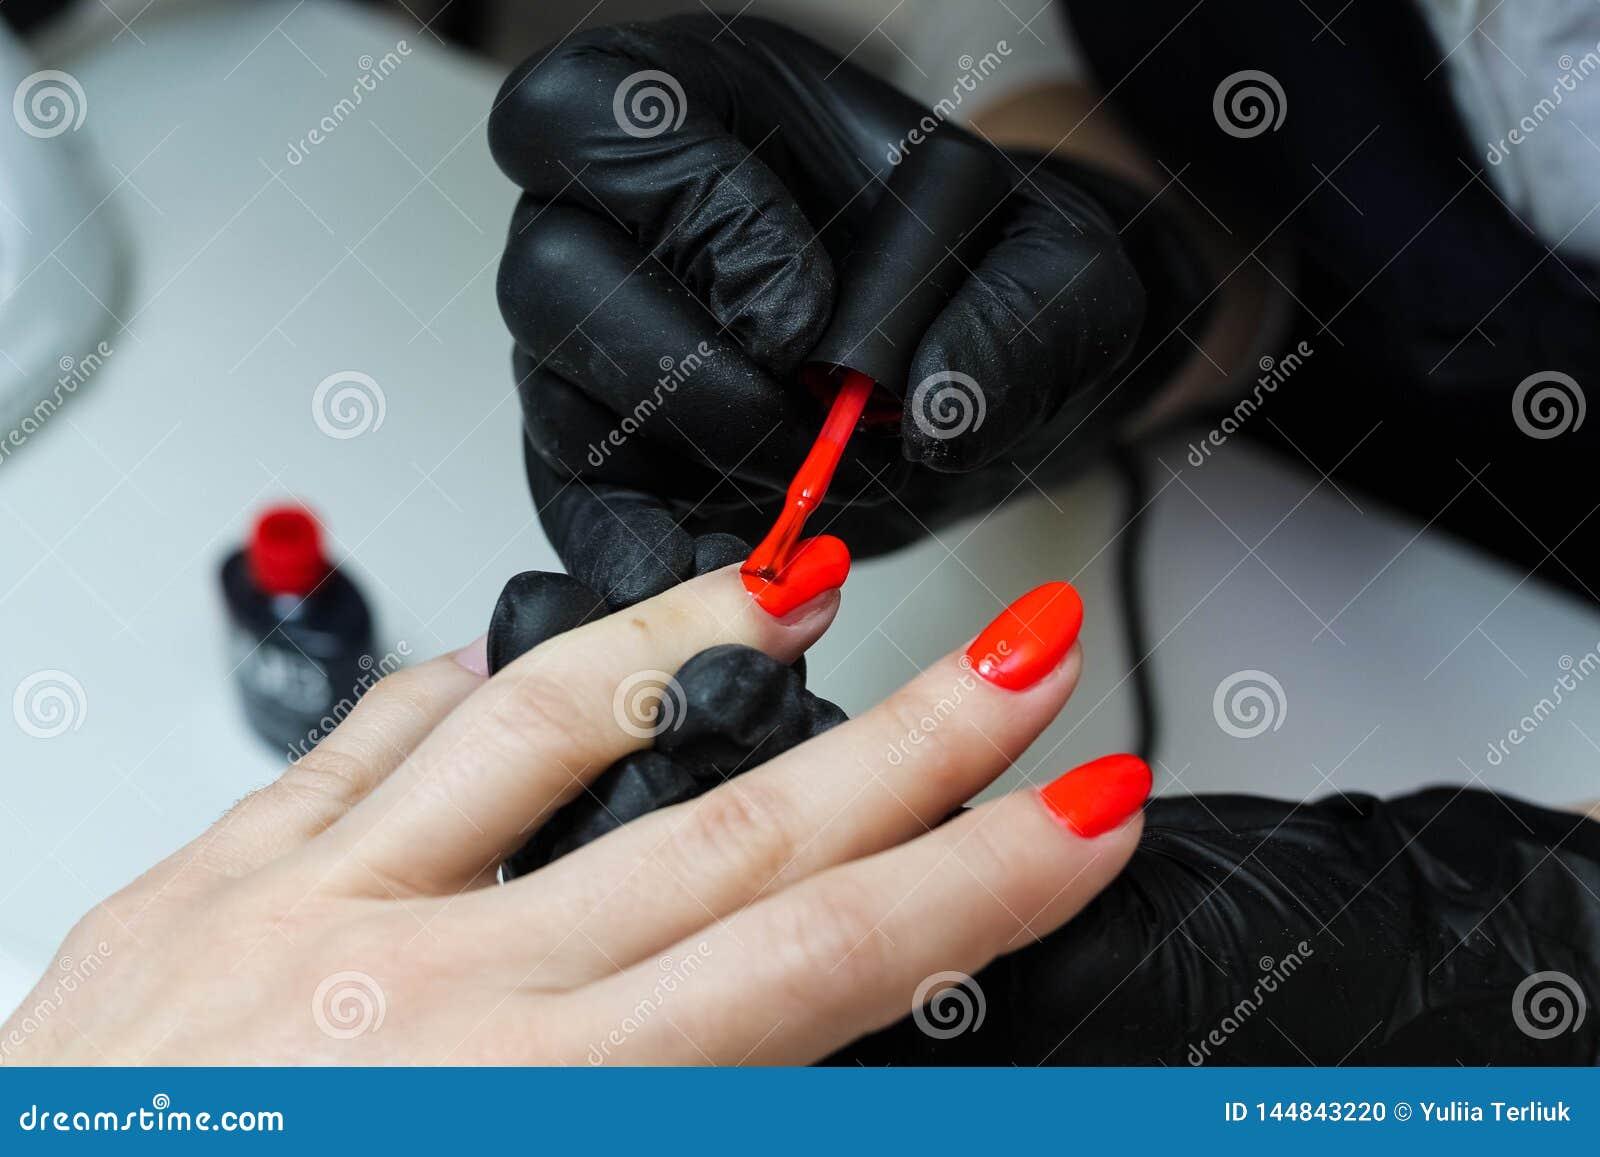 Sp?cialiste en manucure dans des soins noirs de gants au sujet des ongles de mains Le manucure peint des ongles avec le vernis ?